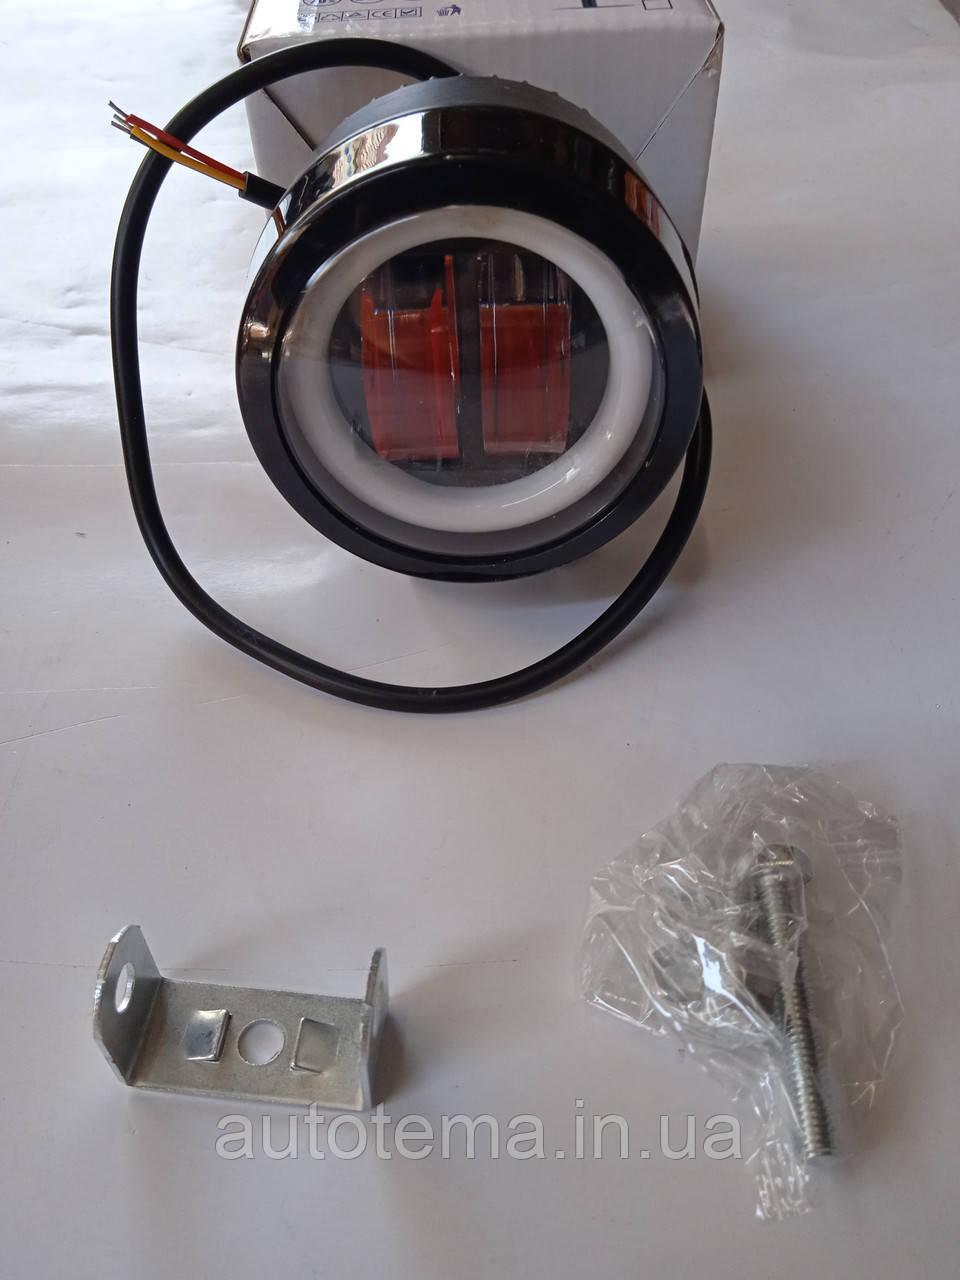 Автомобільна світлодіодна LED фара 20 вт Лідер